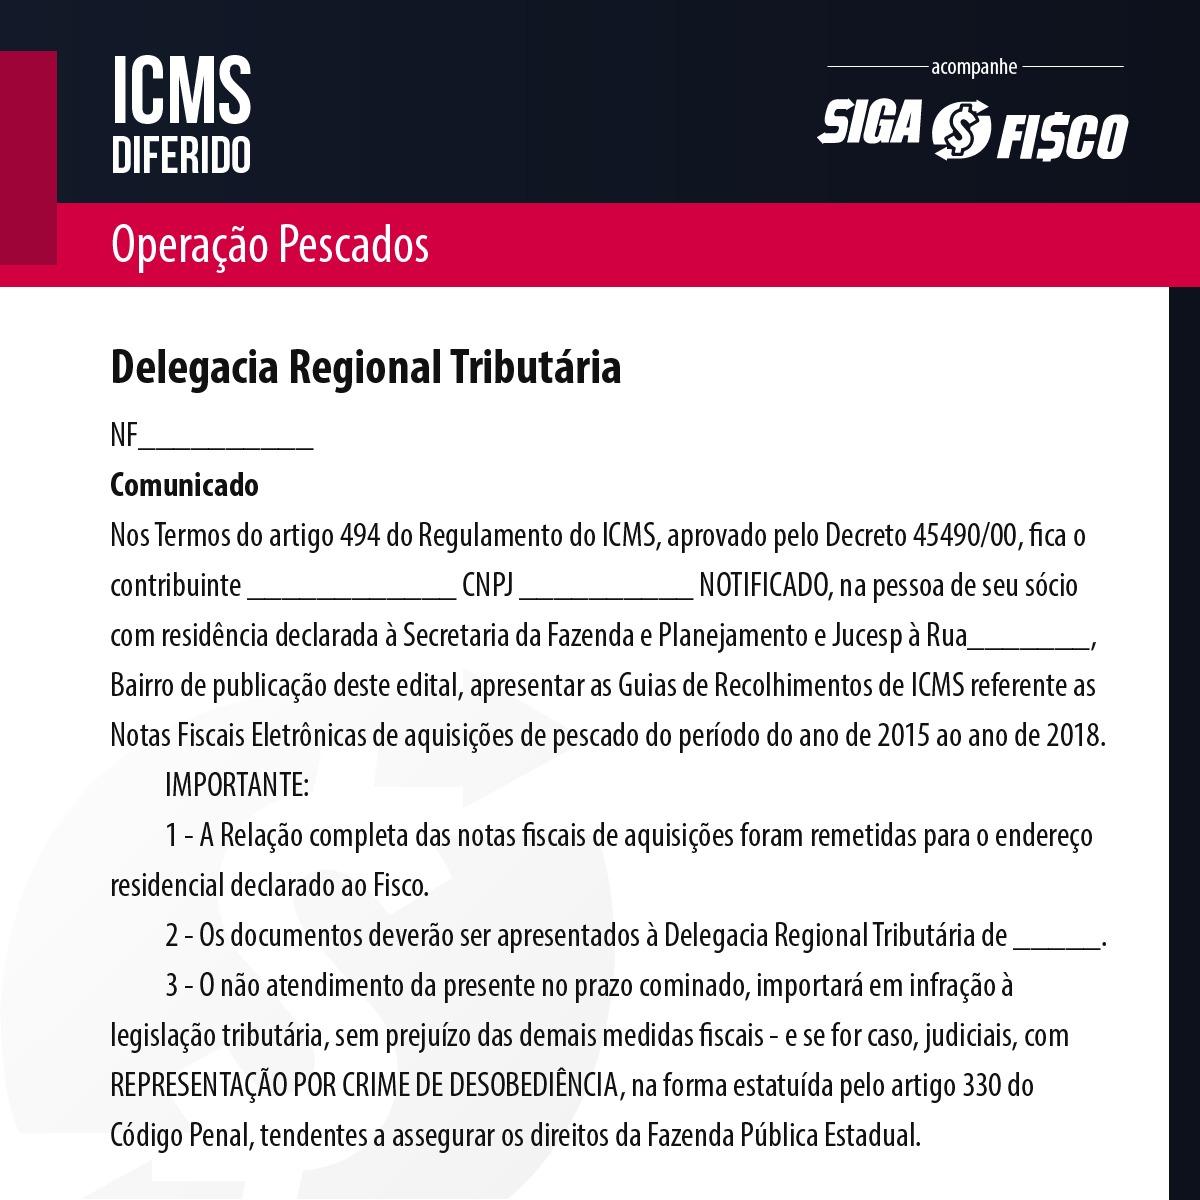 ICMS Diferido: Fiscalização exige recolhimento do imposto sobre pescados 2